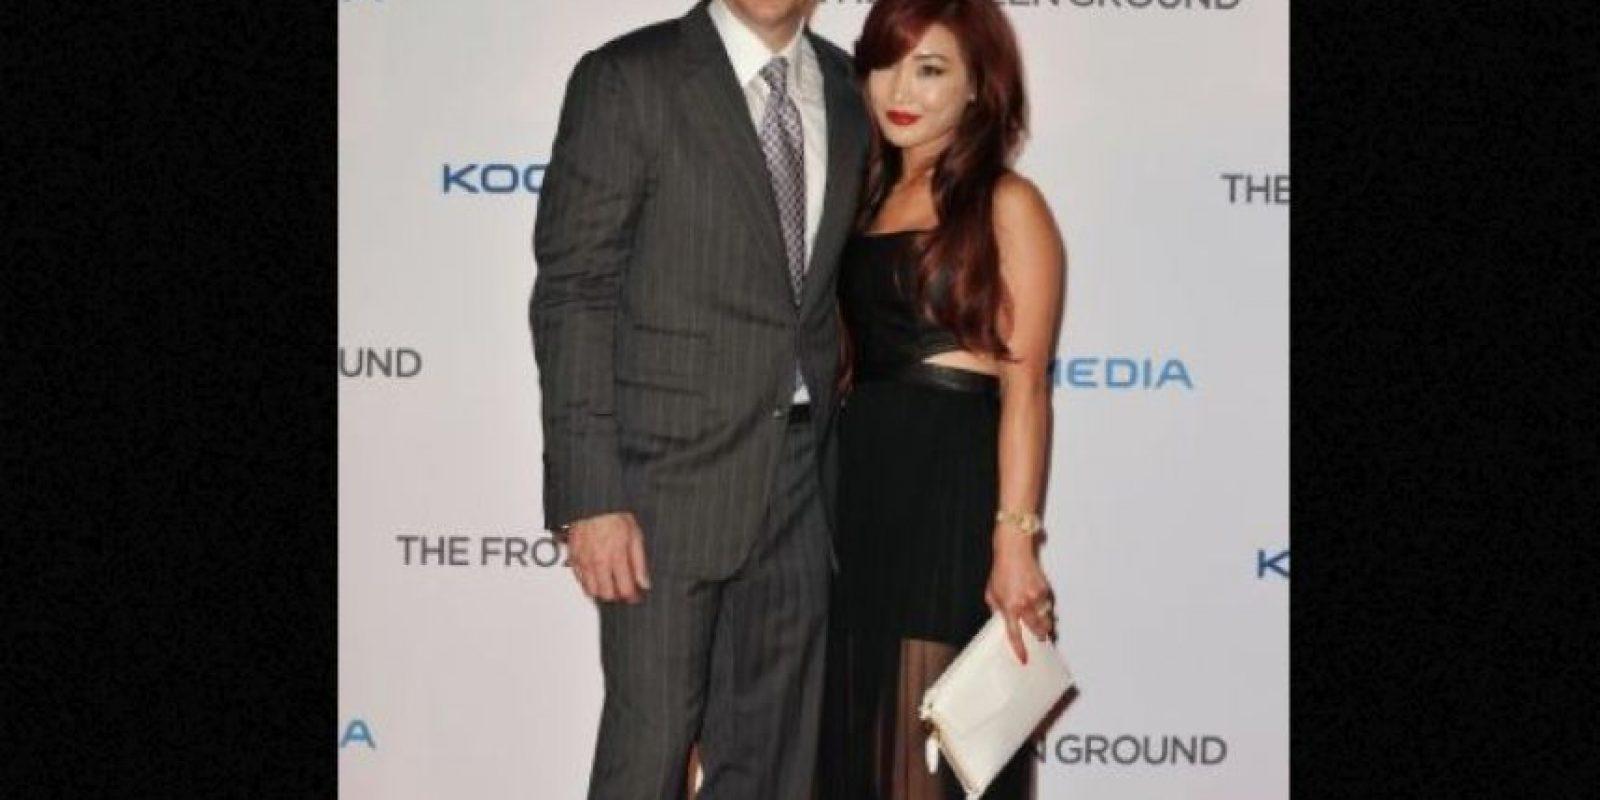 Nicolas Cage: Fue arrestado en 2011 por golpear a su esposa Foto:Getty Images